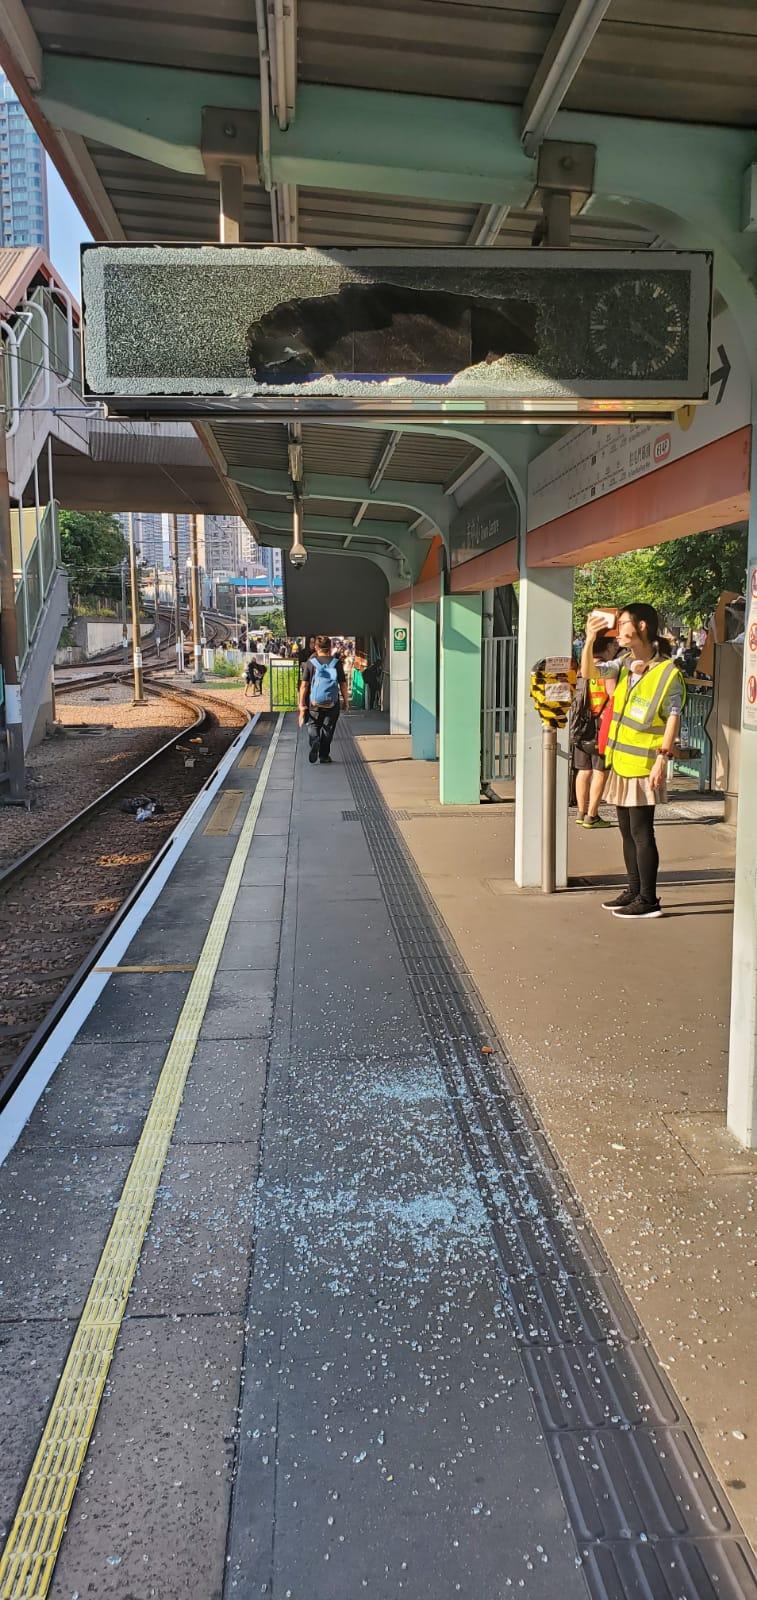 輕鐵站上的顯示屏被破壞。